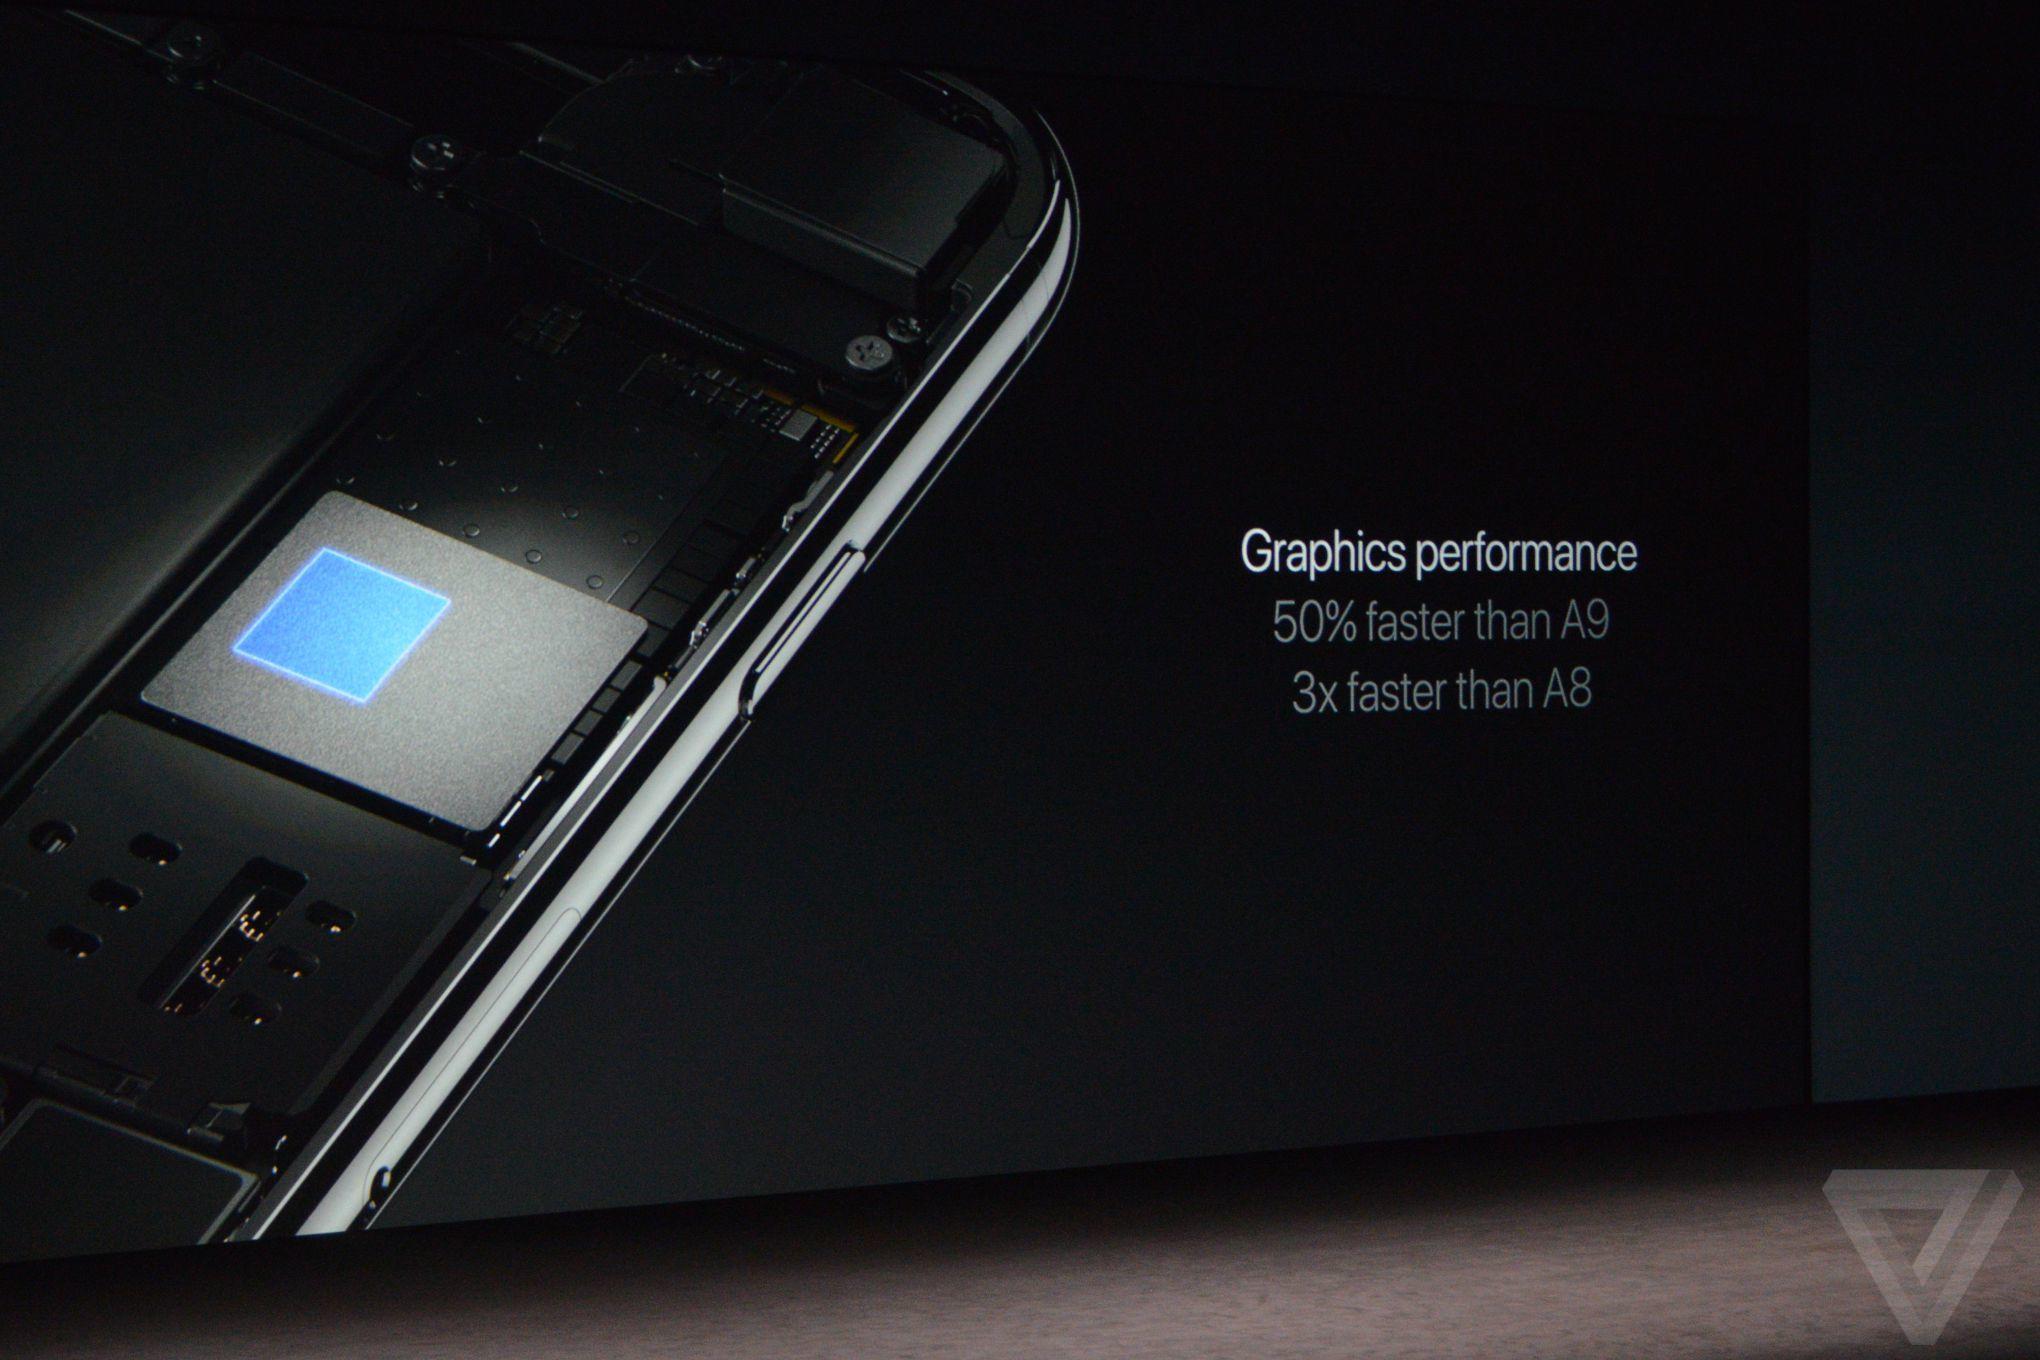 sihirli-elma-apple-etkinlik-400028.JPG